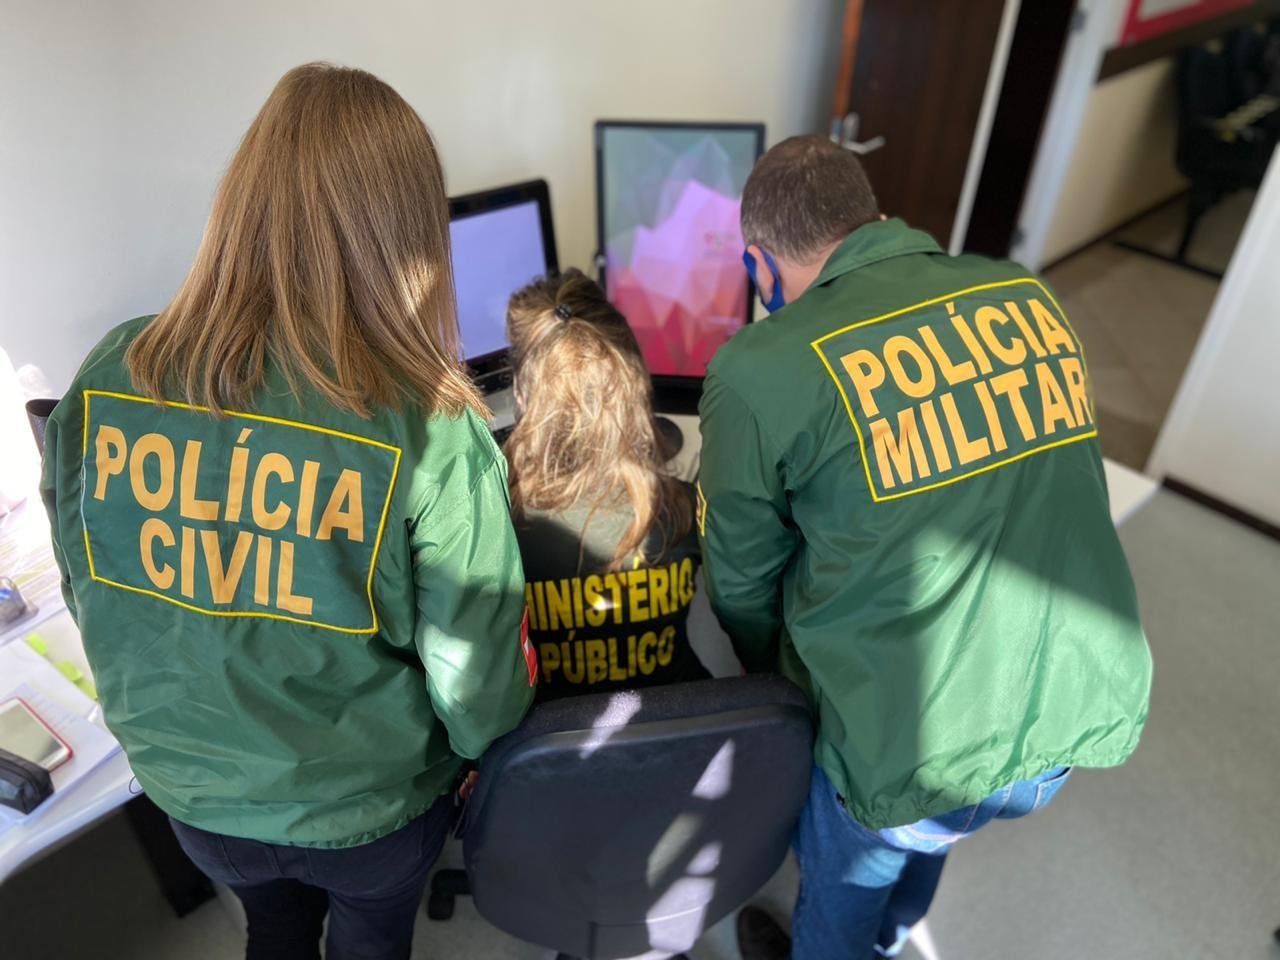 Vereadores de SC são impedidos de entrar na Câmara municipal após operação policial